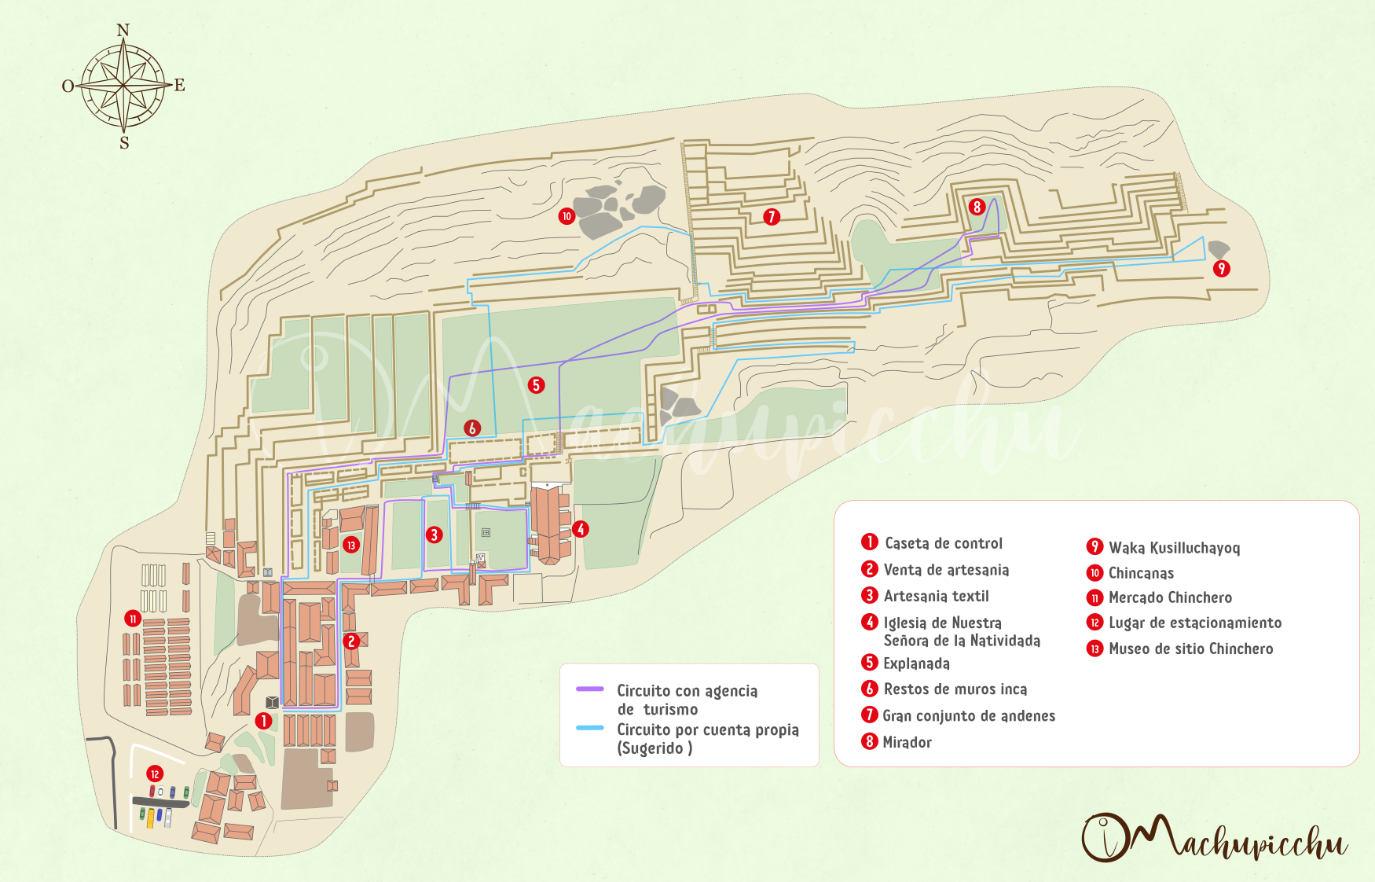 Mapa del recorrido turístico de Chinchero